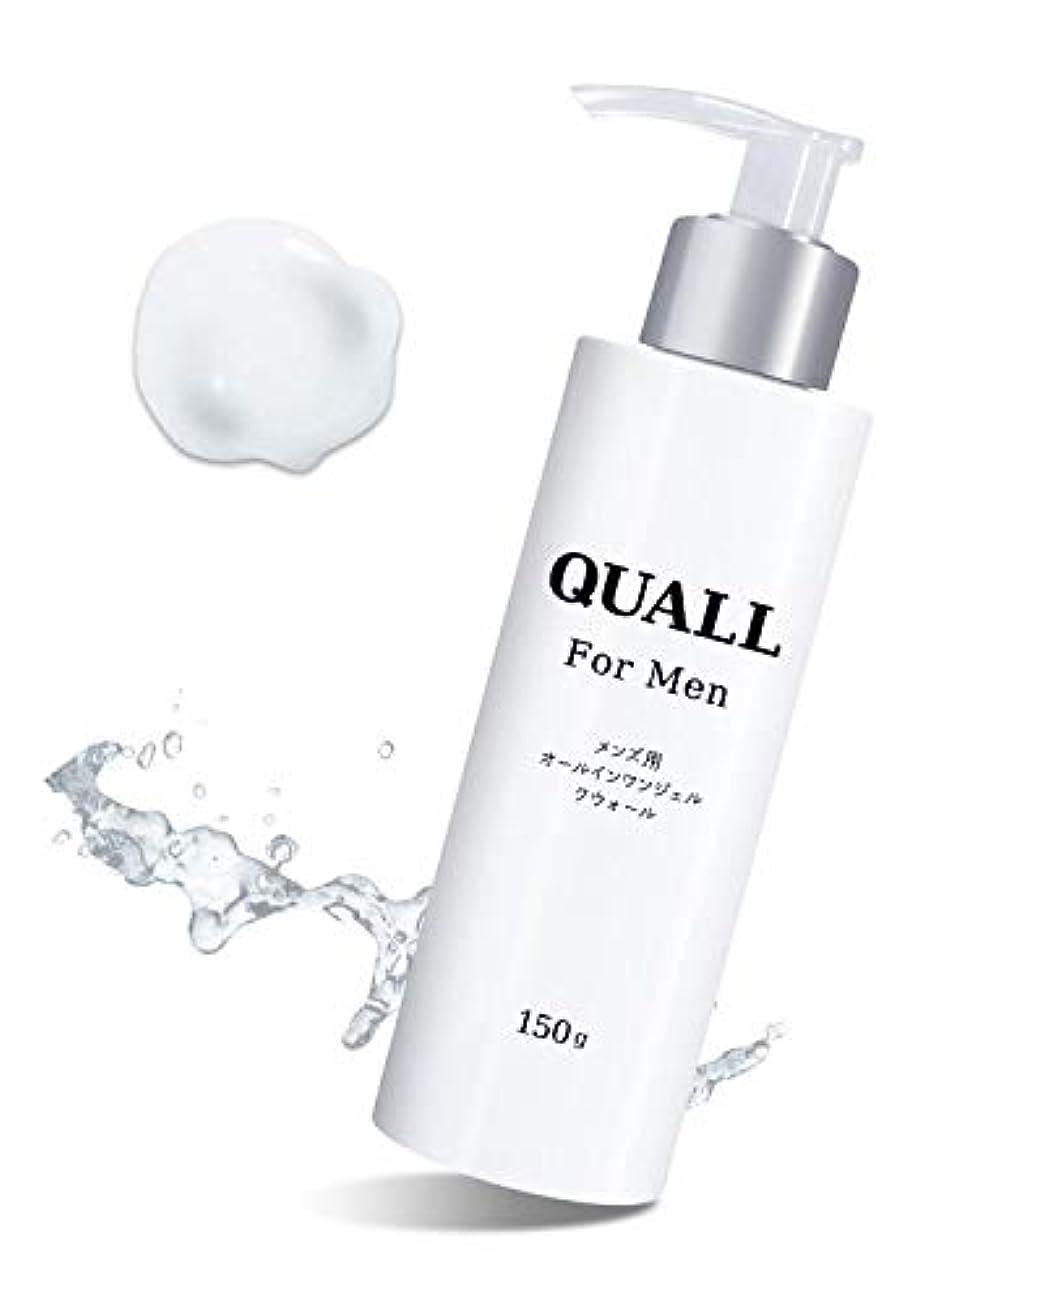 離れたラケット難破船オールインワン メンズ 〔Quall for men〕オールインワンジェル 保湿 ニキビ 乾燥 化粧水 乳液 アフターシェーブ